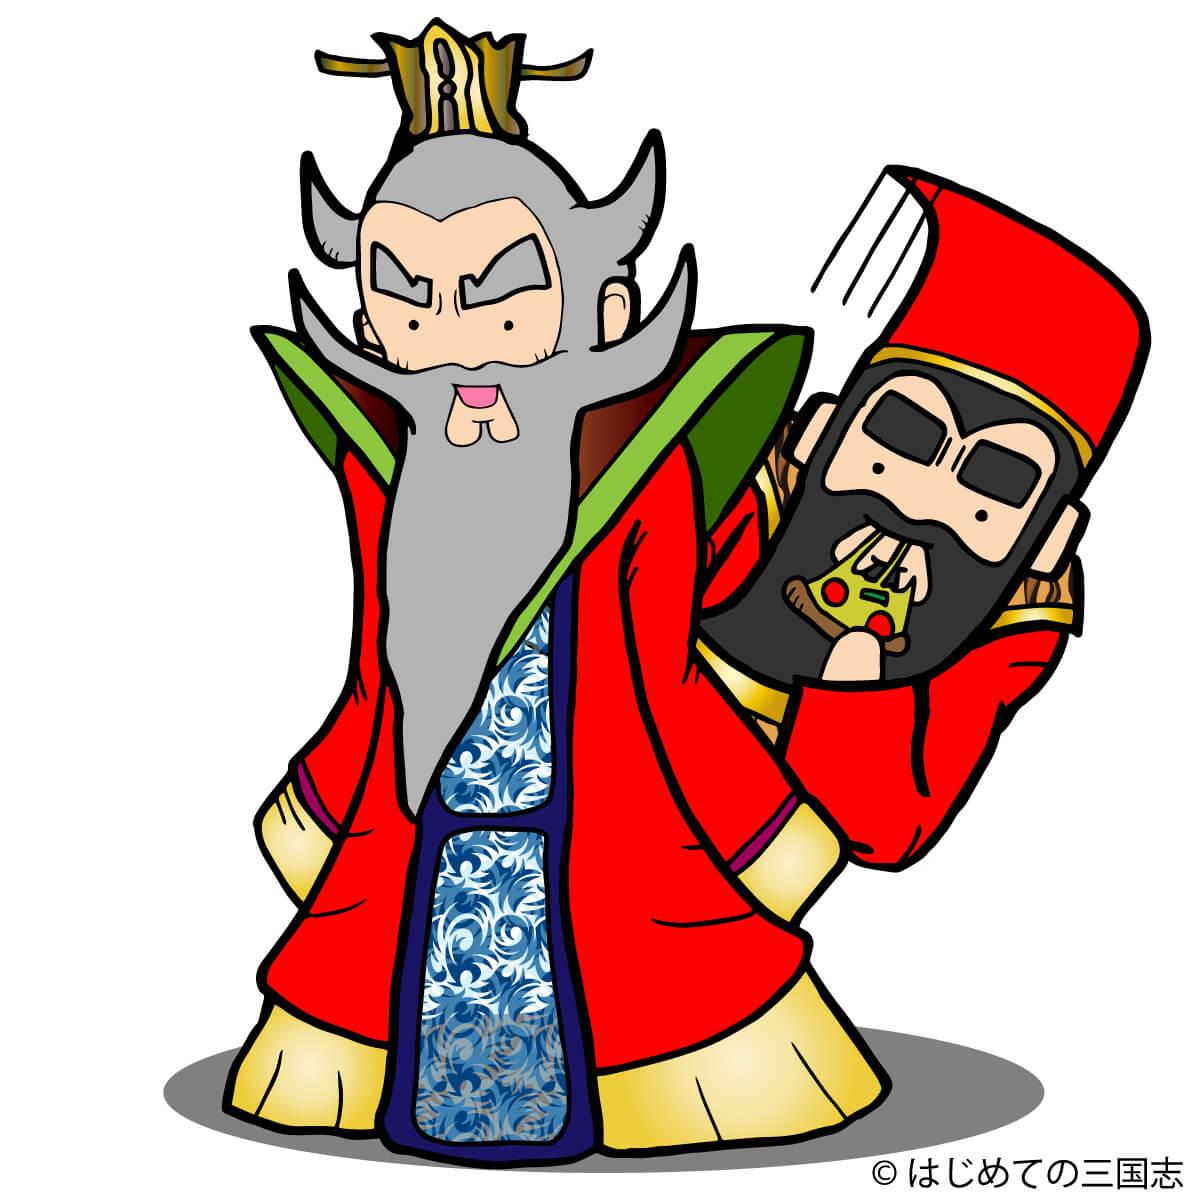 張昭 VS 孫権